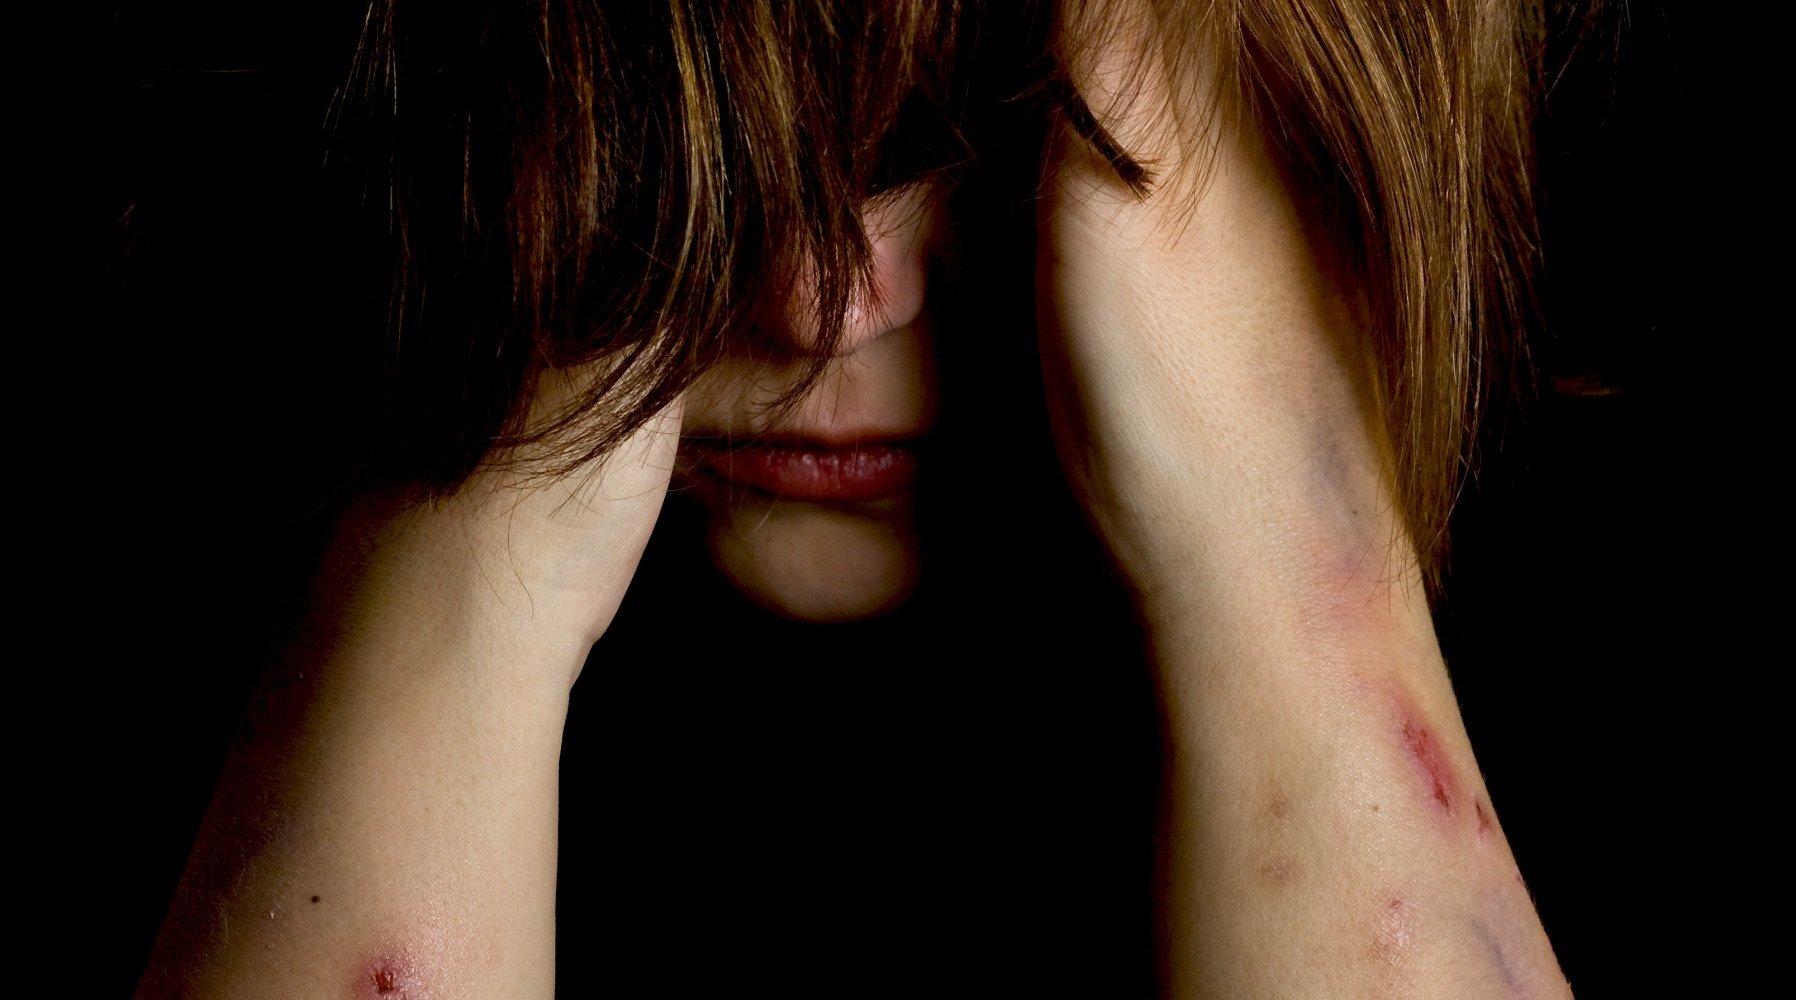 O estupro na encruzilhada do processo penal e da saúde